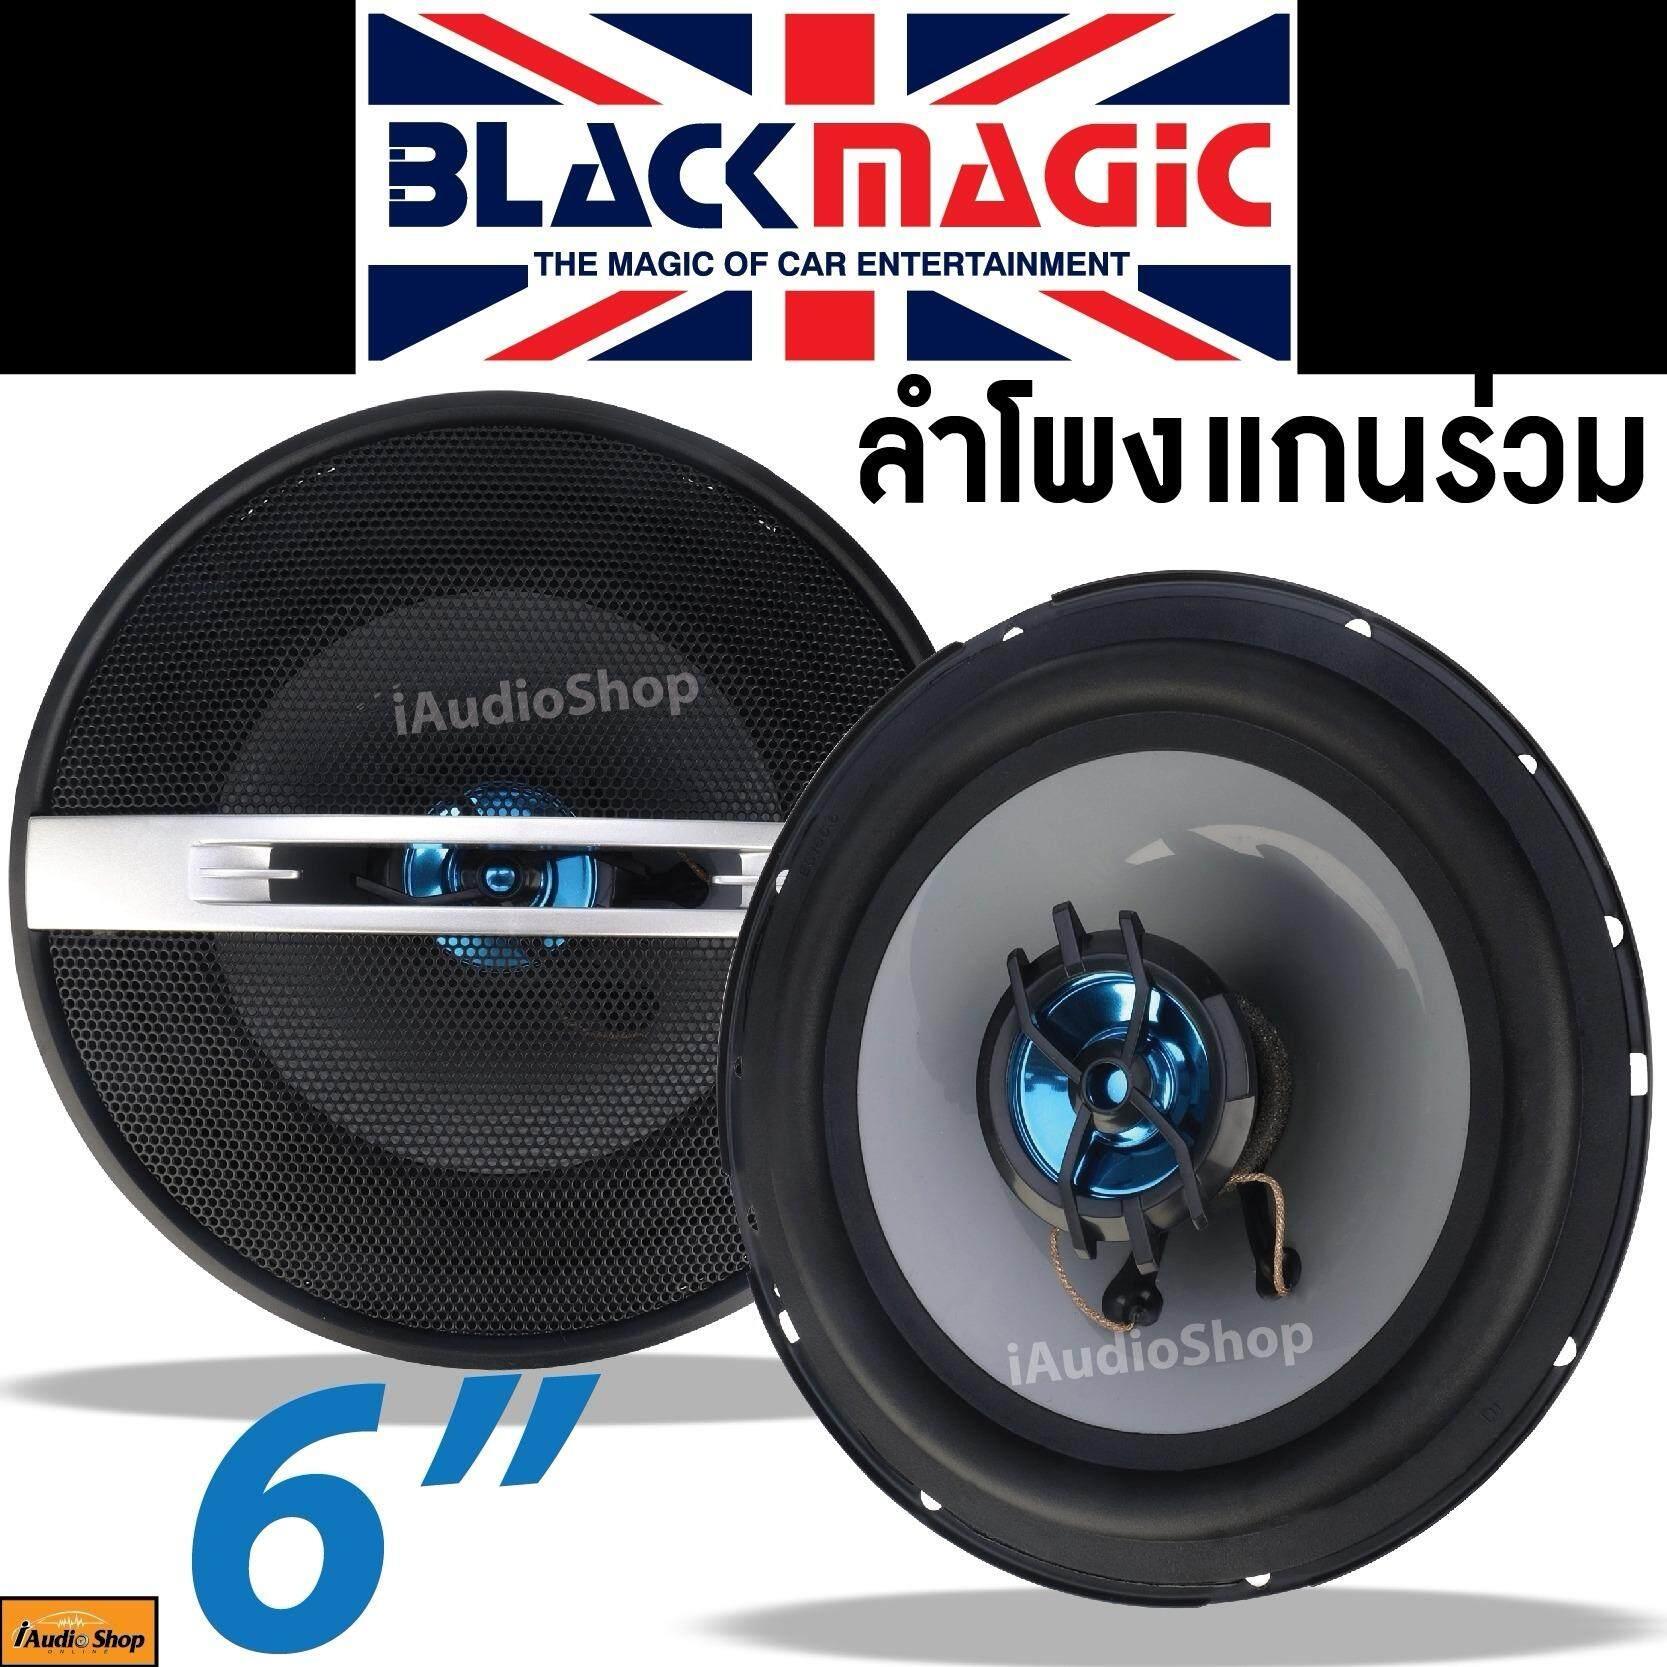 ซื้อ Black Magic Seriesd By Hurricane ลำโพงแกนร่วม ลำโพงติดรถยนต์ ลำโพงรวมชิ้น ลำโพง ลำโพงรถยนต์ ลำโพง6 5 เครื่องเสียงติดรถยนต์ Hp 630 จำนวน 1คู่ Black Magic เป็นต้นฉบับ